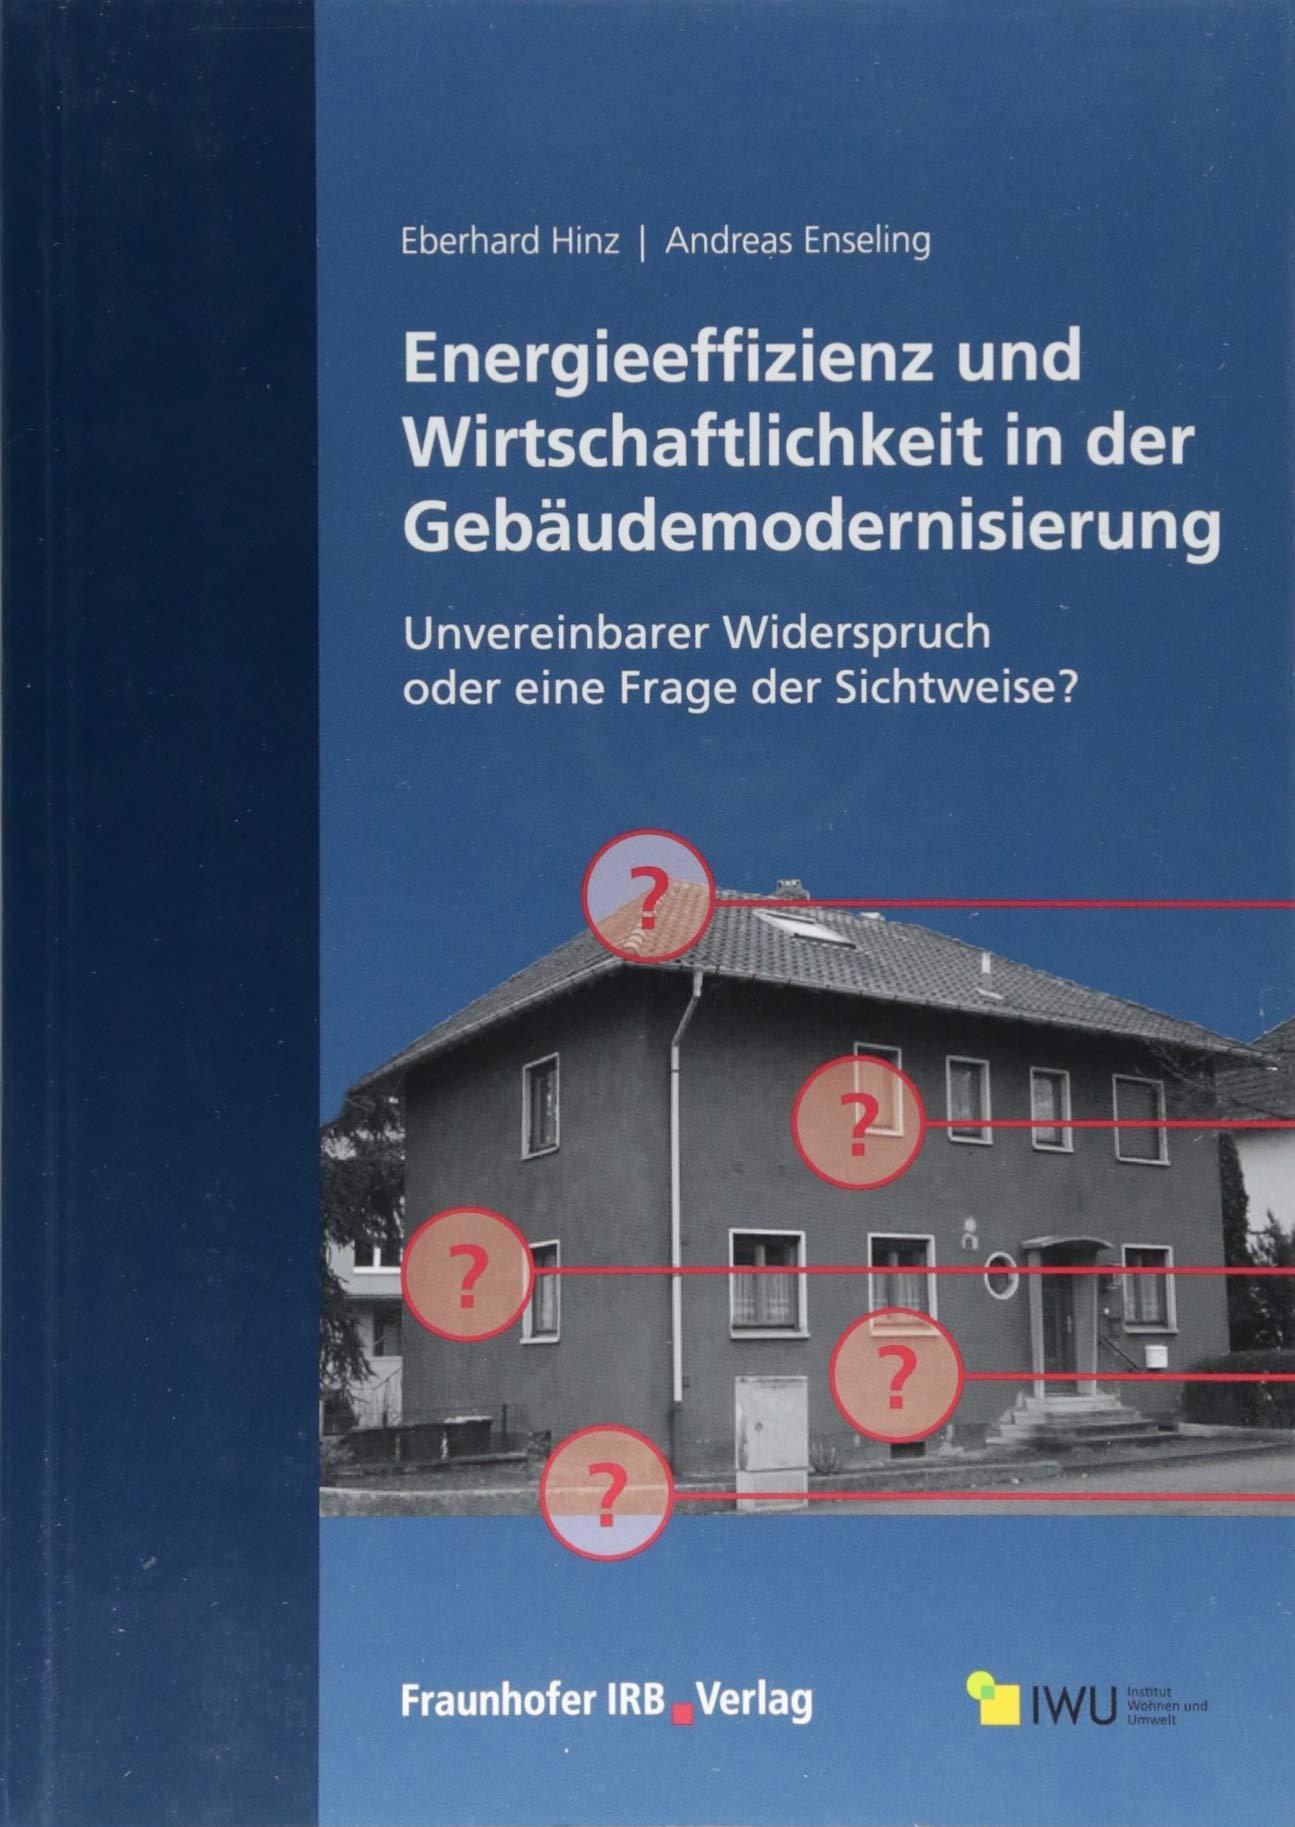 Energieeffizienz und Wirtschaftlichkeit in der Gebäudemodernisierung: Unvereinbarer Widerspruch oder eine Frage der Sichtweise? Taschenbuch – 19. Juli 2018 Fraunhofer IRB Verlag 3738801308 Bau- und Umwelttechnik Commercial & Industrial